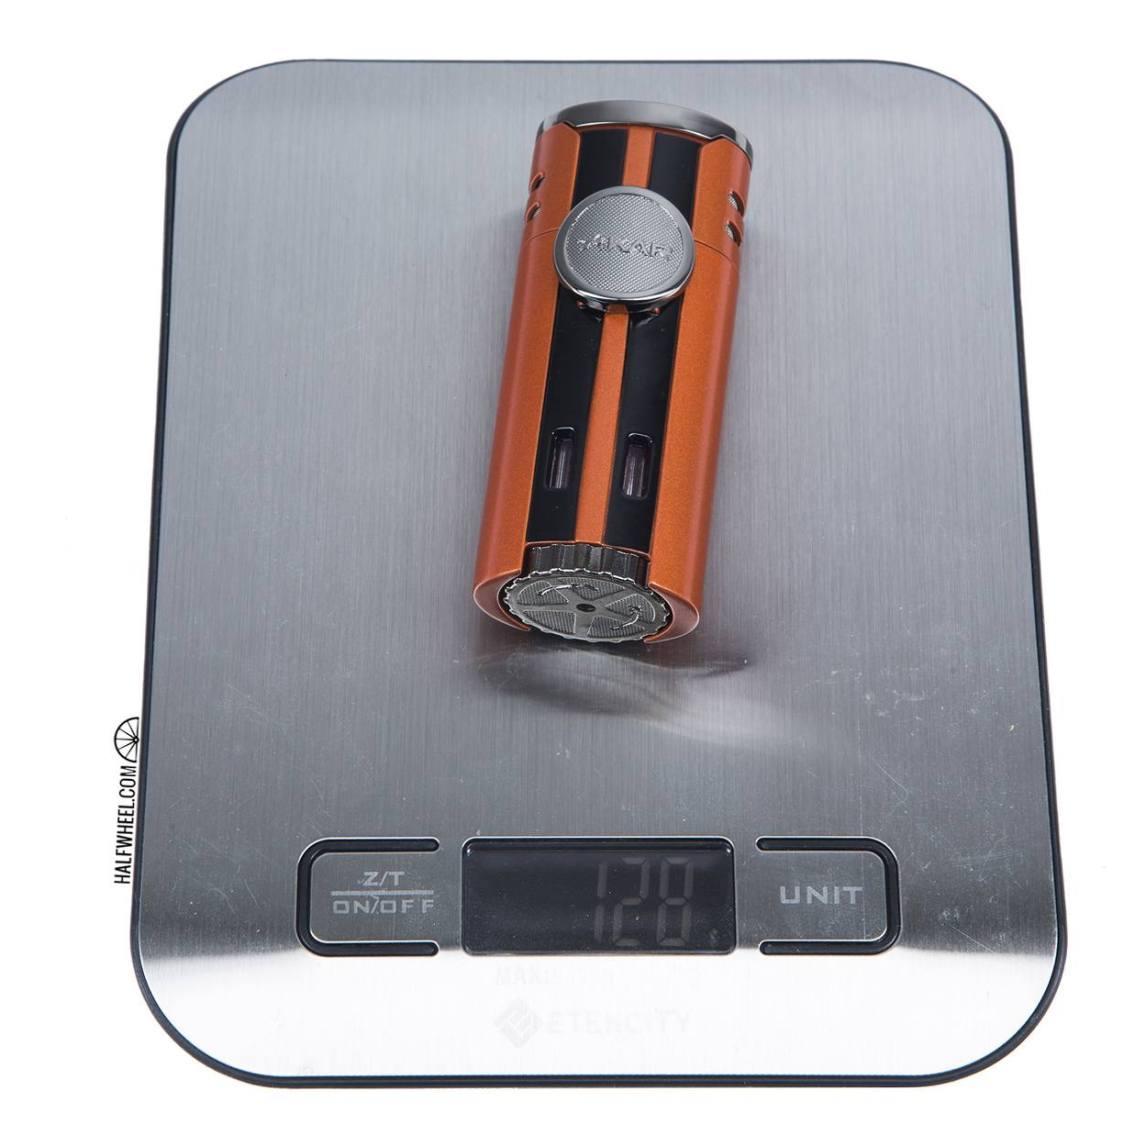 XIKAR HP4 weight